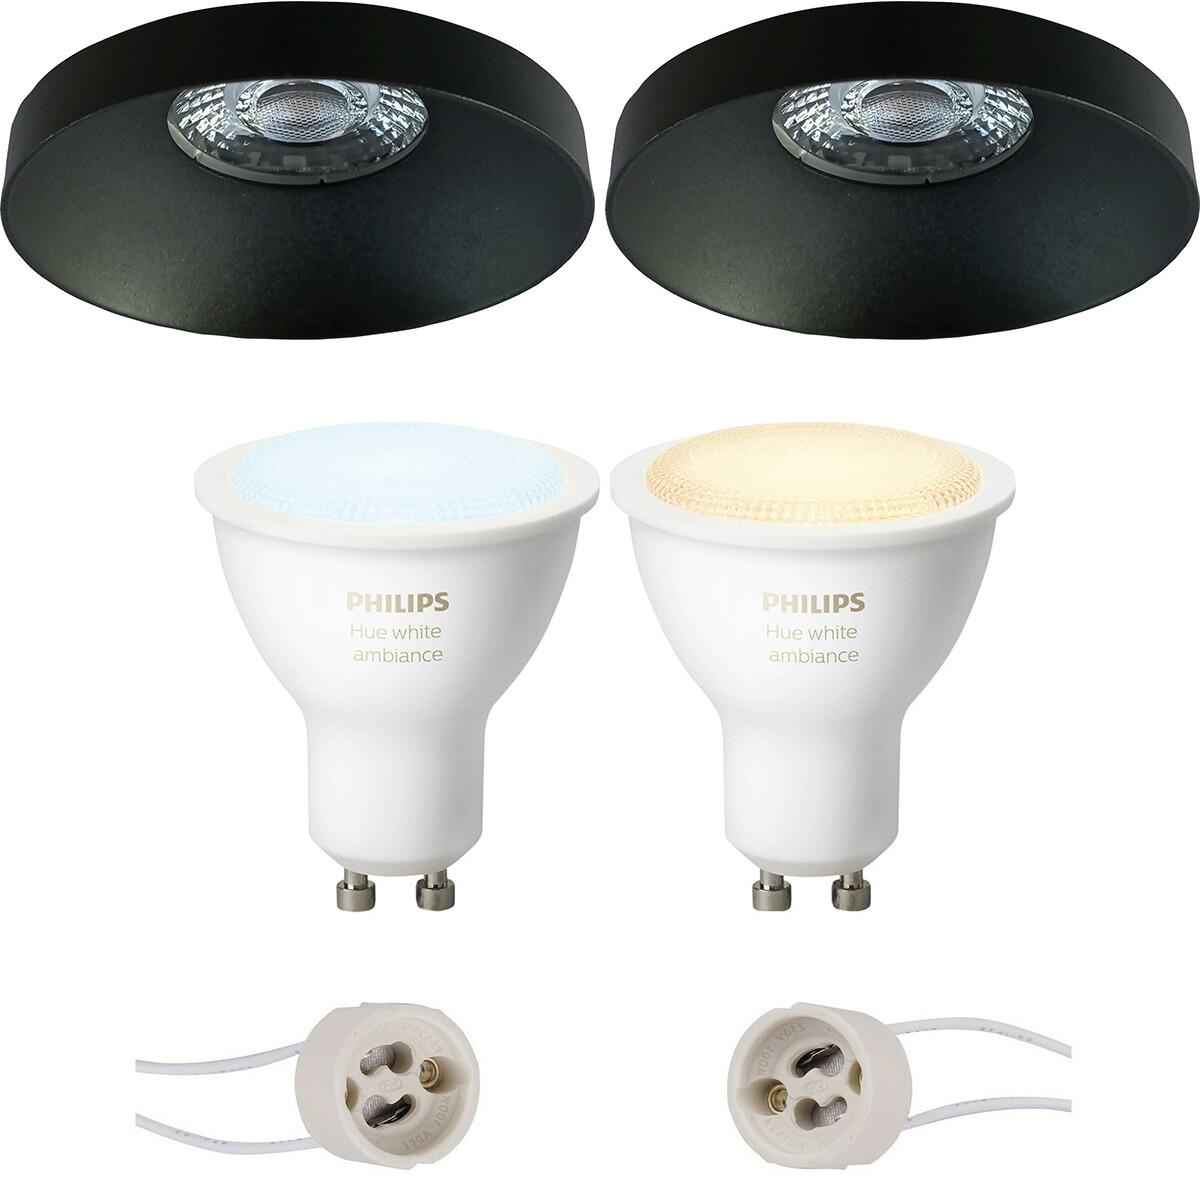 Pragmi Vrito Pro - Inbouw Rond - Mat Zwart - Ø82mm - Philips Hue - LED Spot Set GU10 - White Ambianc